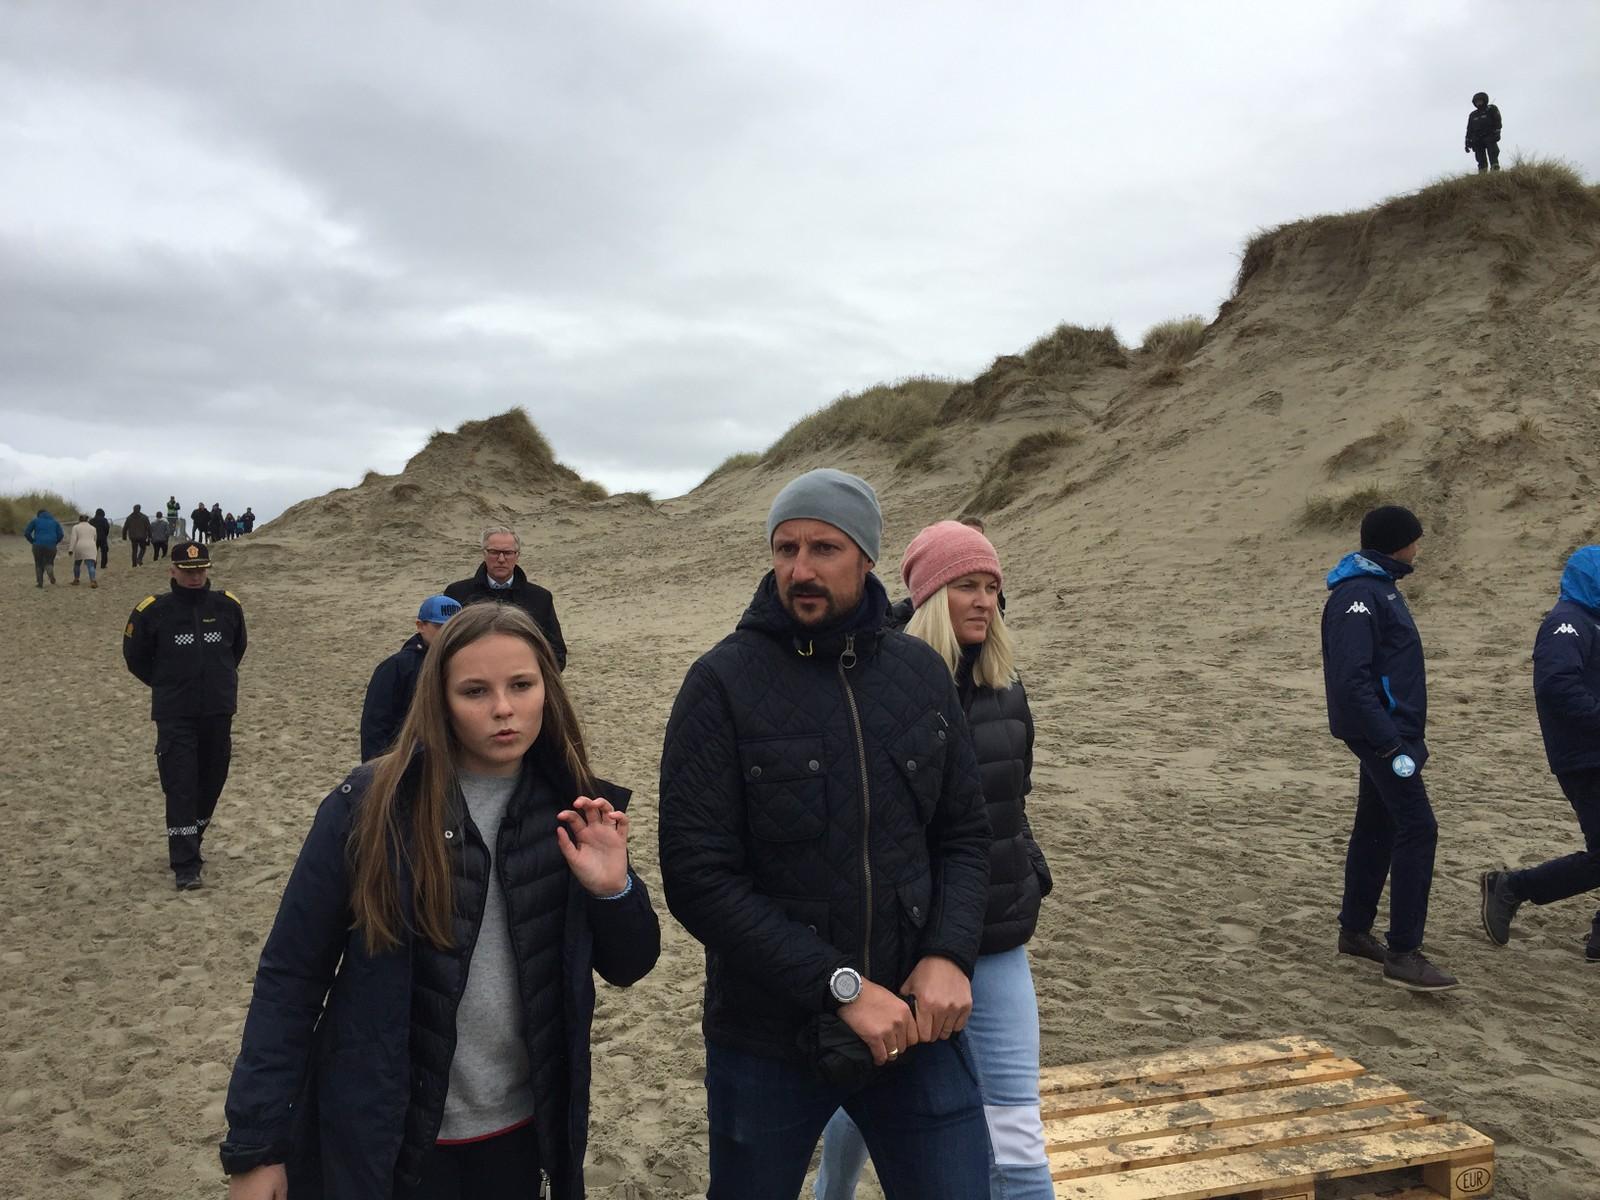 Det er første gang surfe-EM blir arrangert i Skandinavia. Kronprinsen har selv vært en pådriver for at Norge og Jæren skulle få mesterskapet.